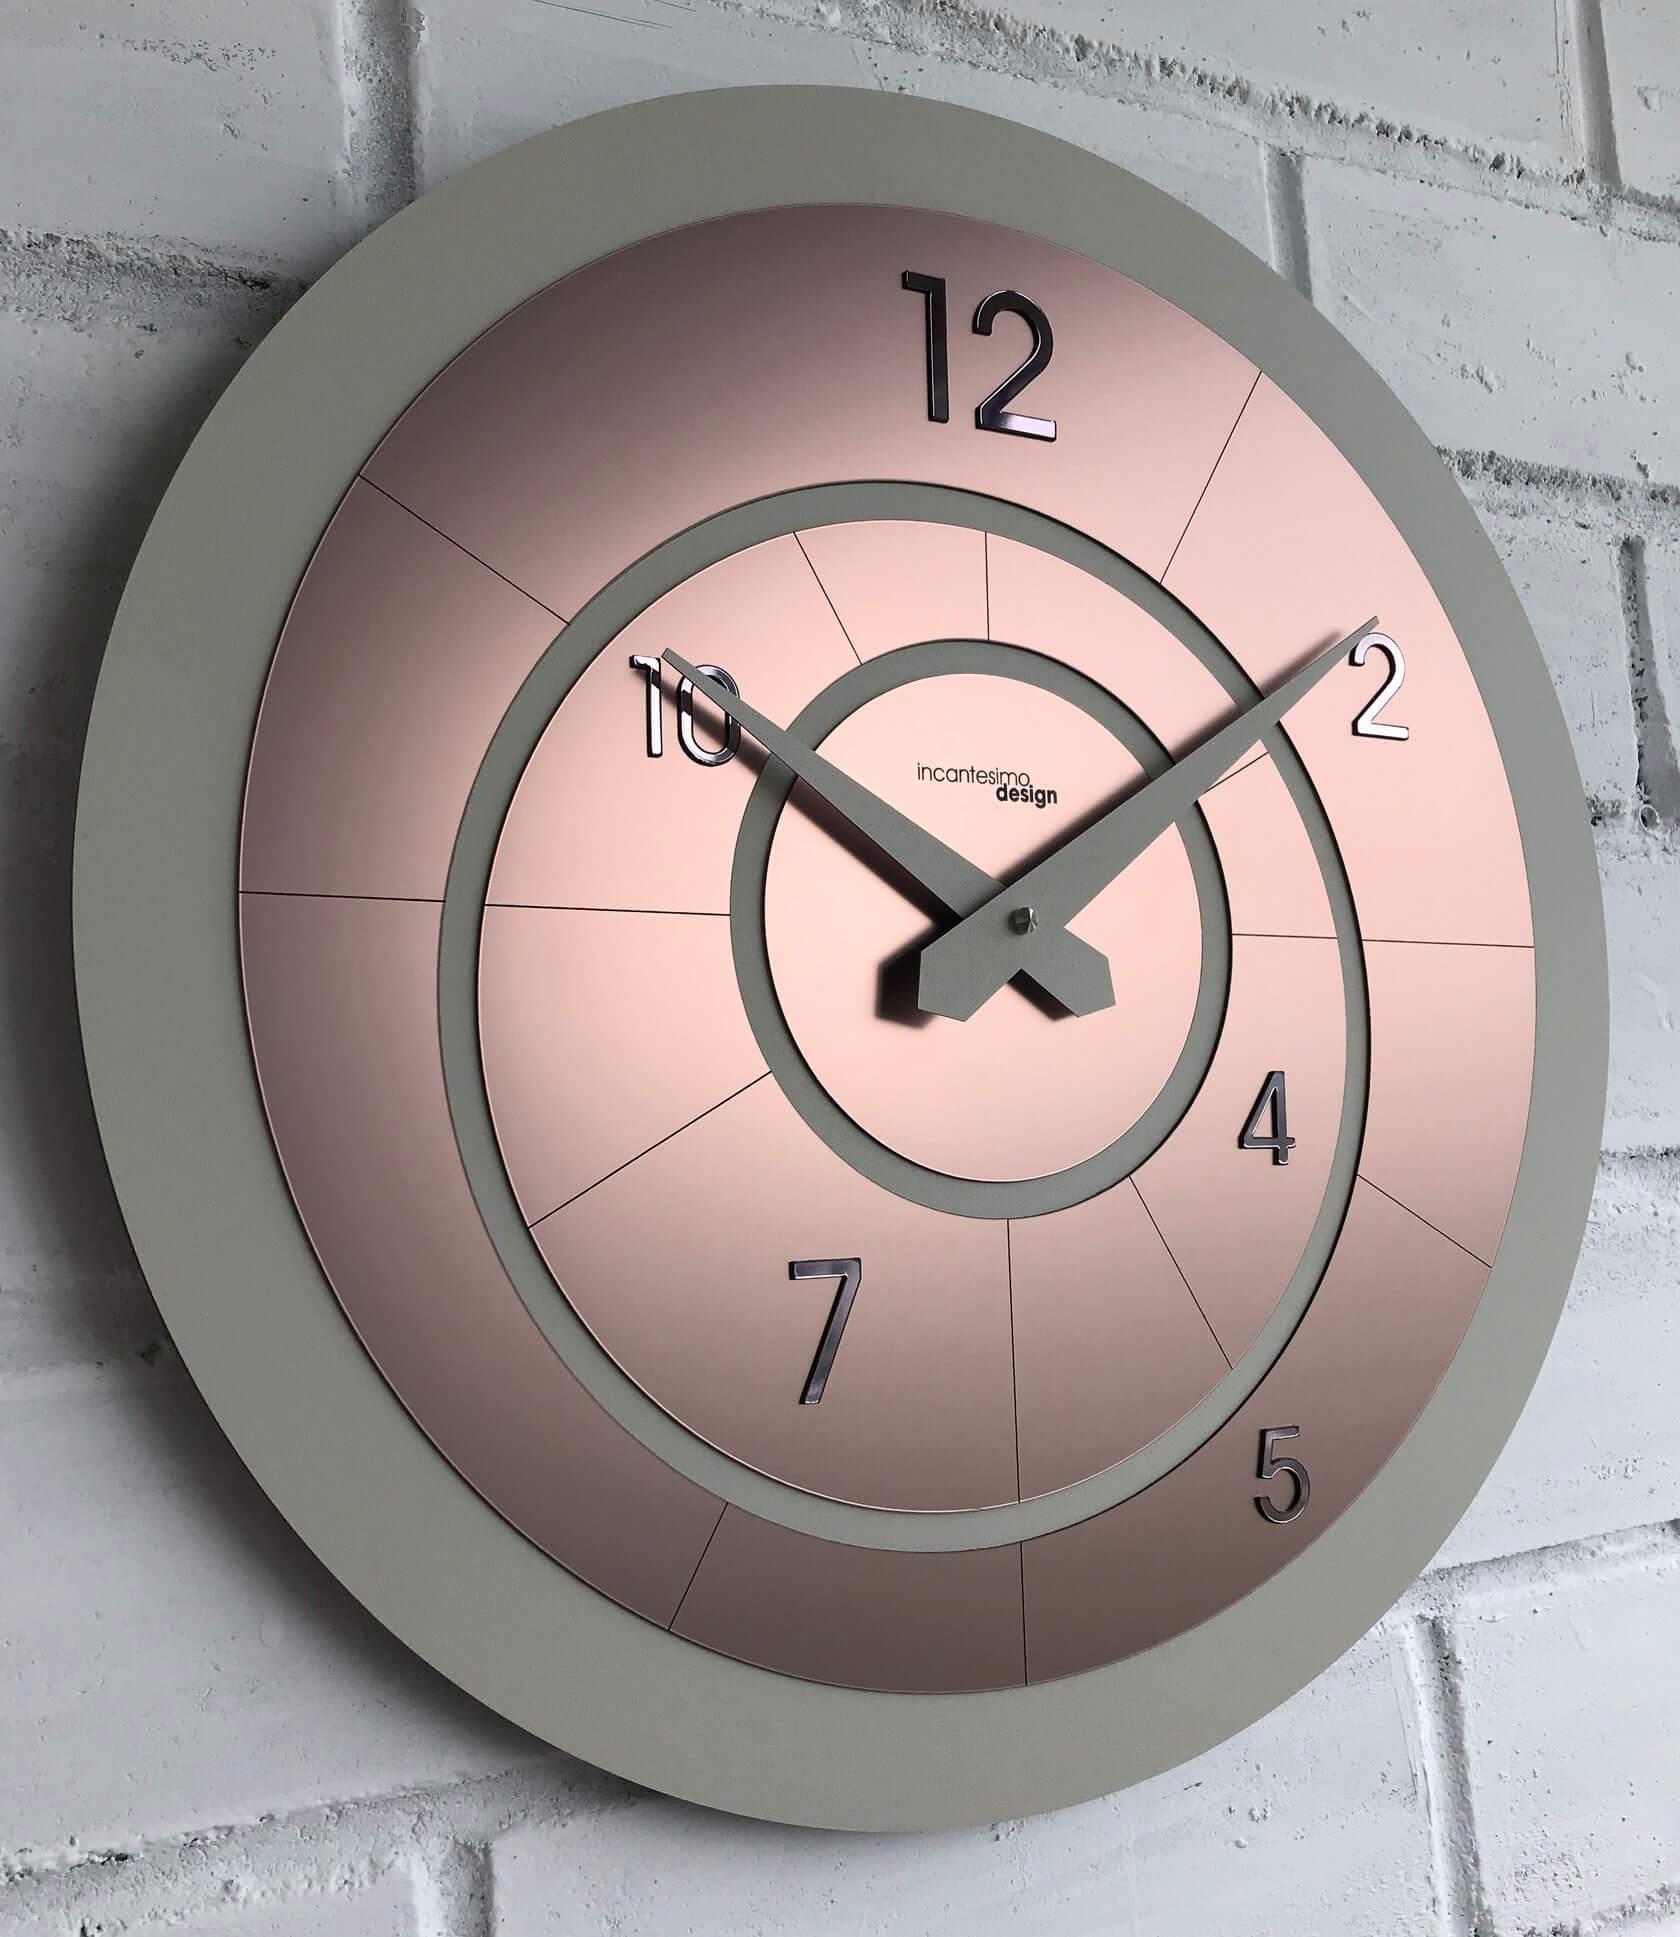 Настенные часы Incantesimo Design 195AT